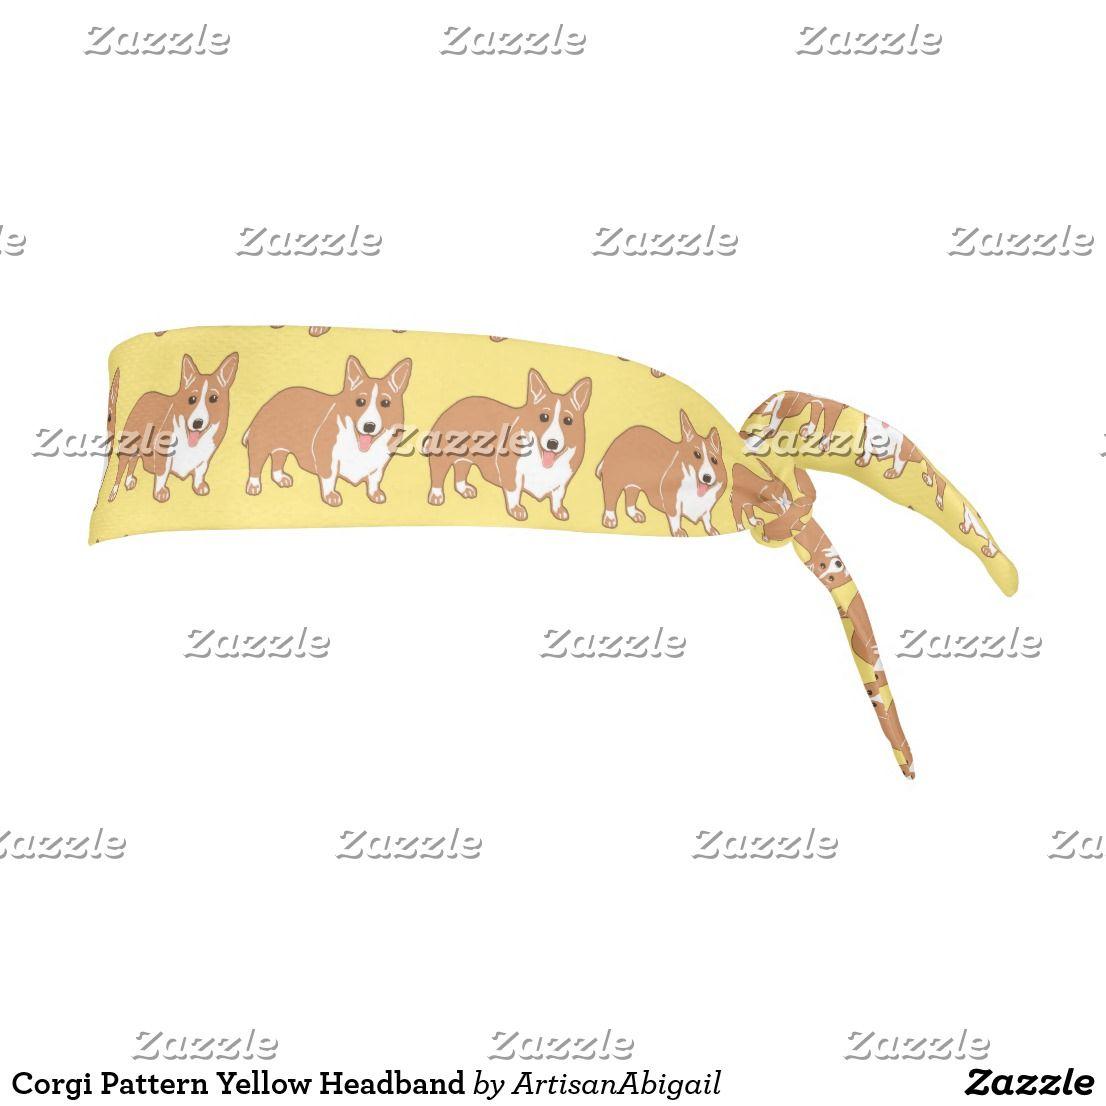 Corgi Pattern Yellow Tie Headband; ArtisanAbigail at Zazzle